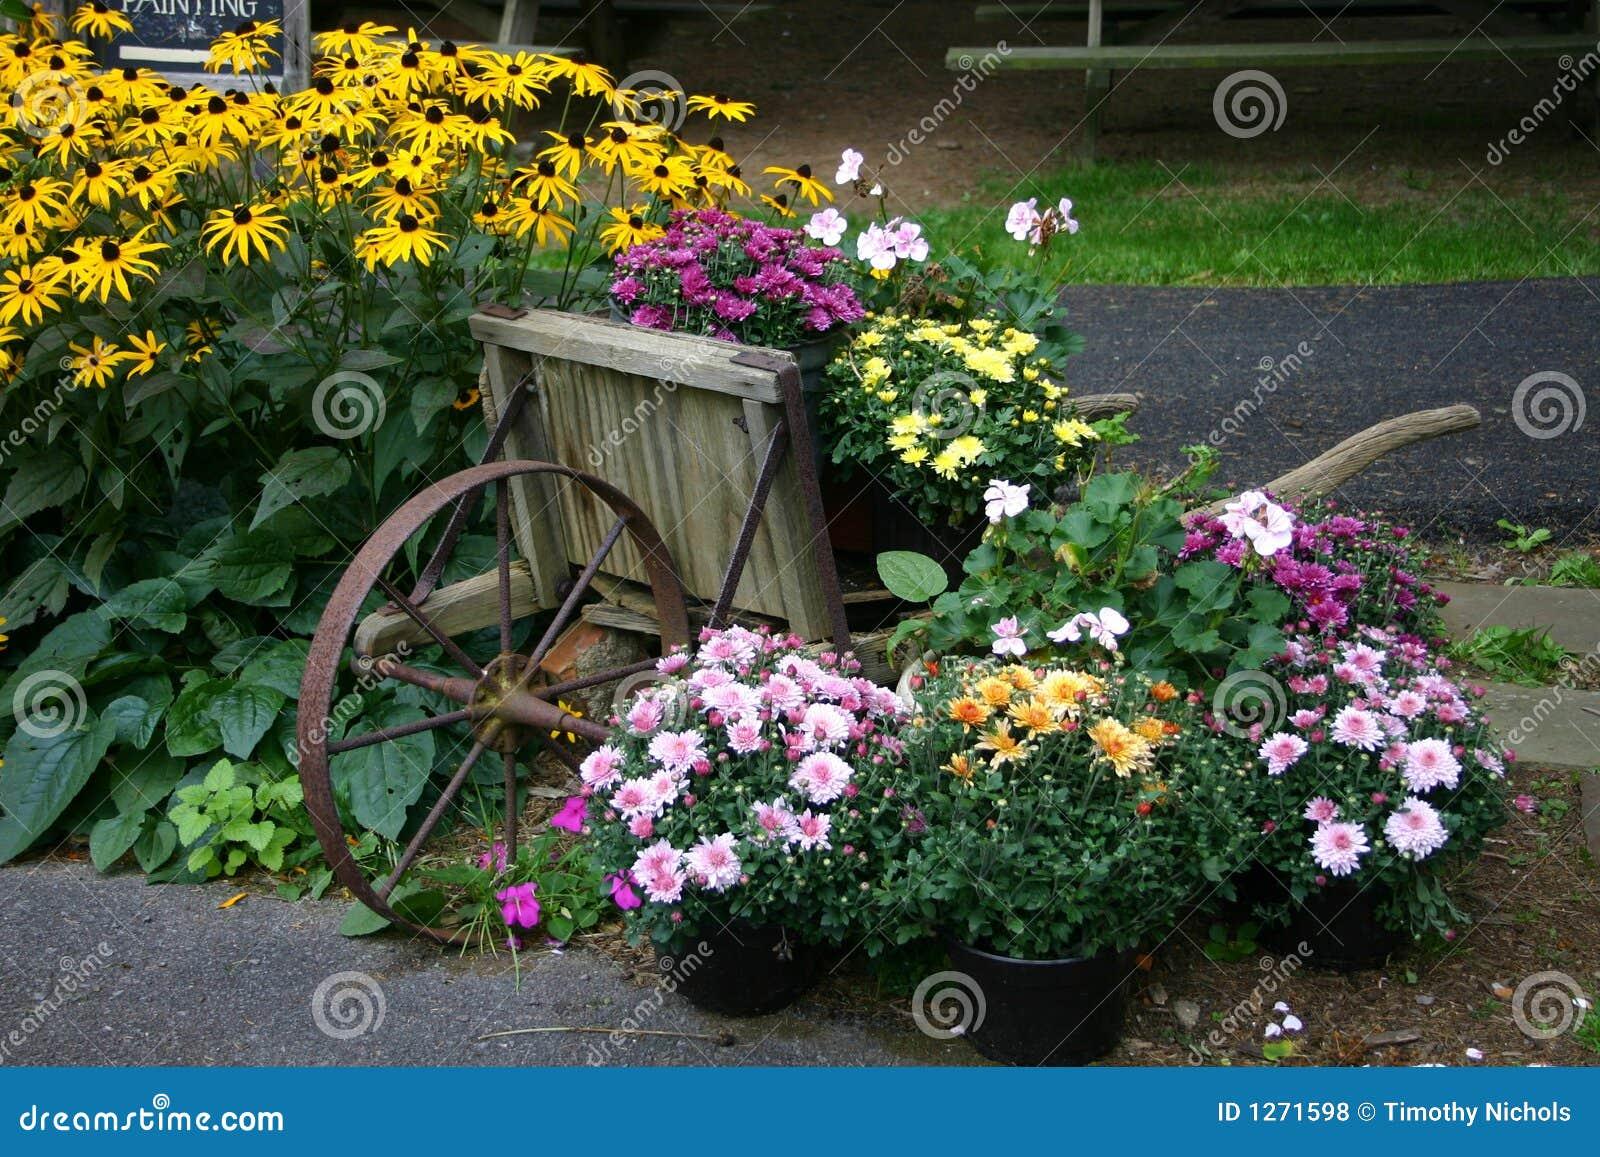 Visualizzazione del giardino di fiore con la carriola for Giardino con fiori